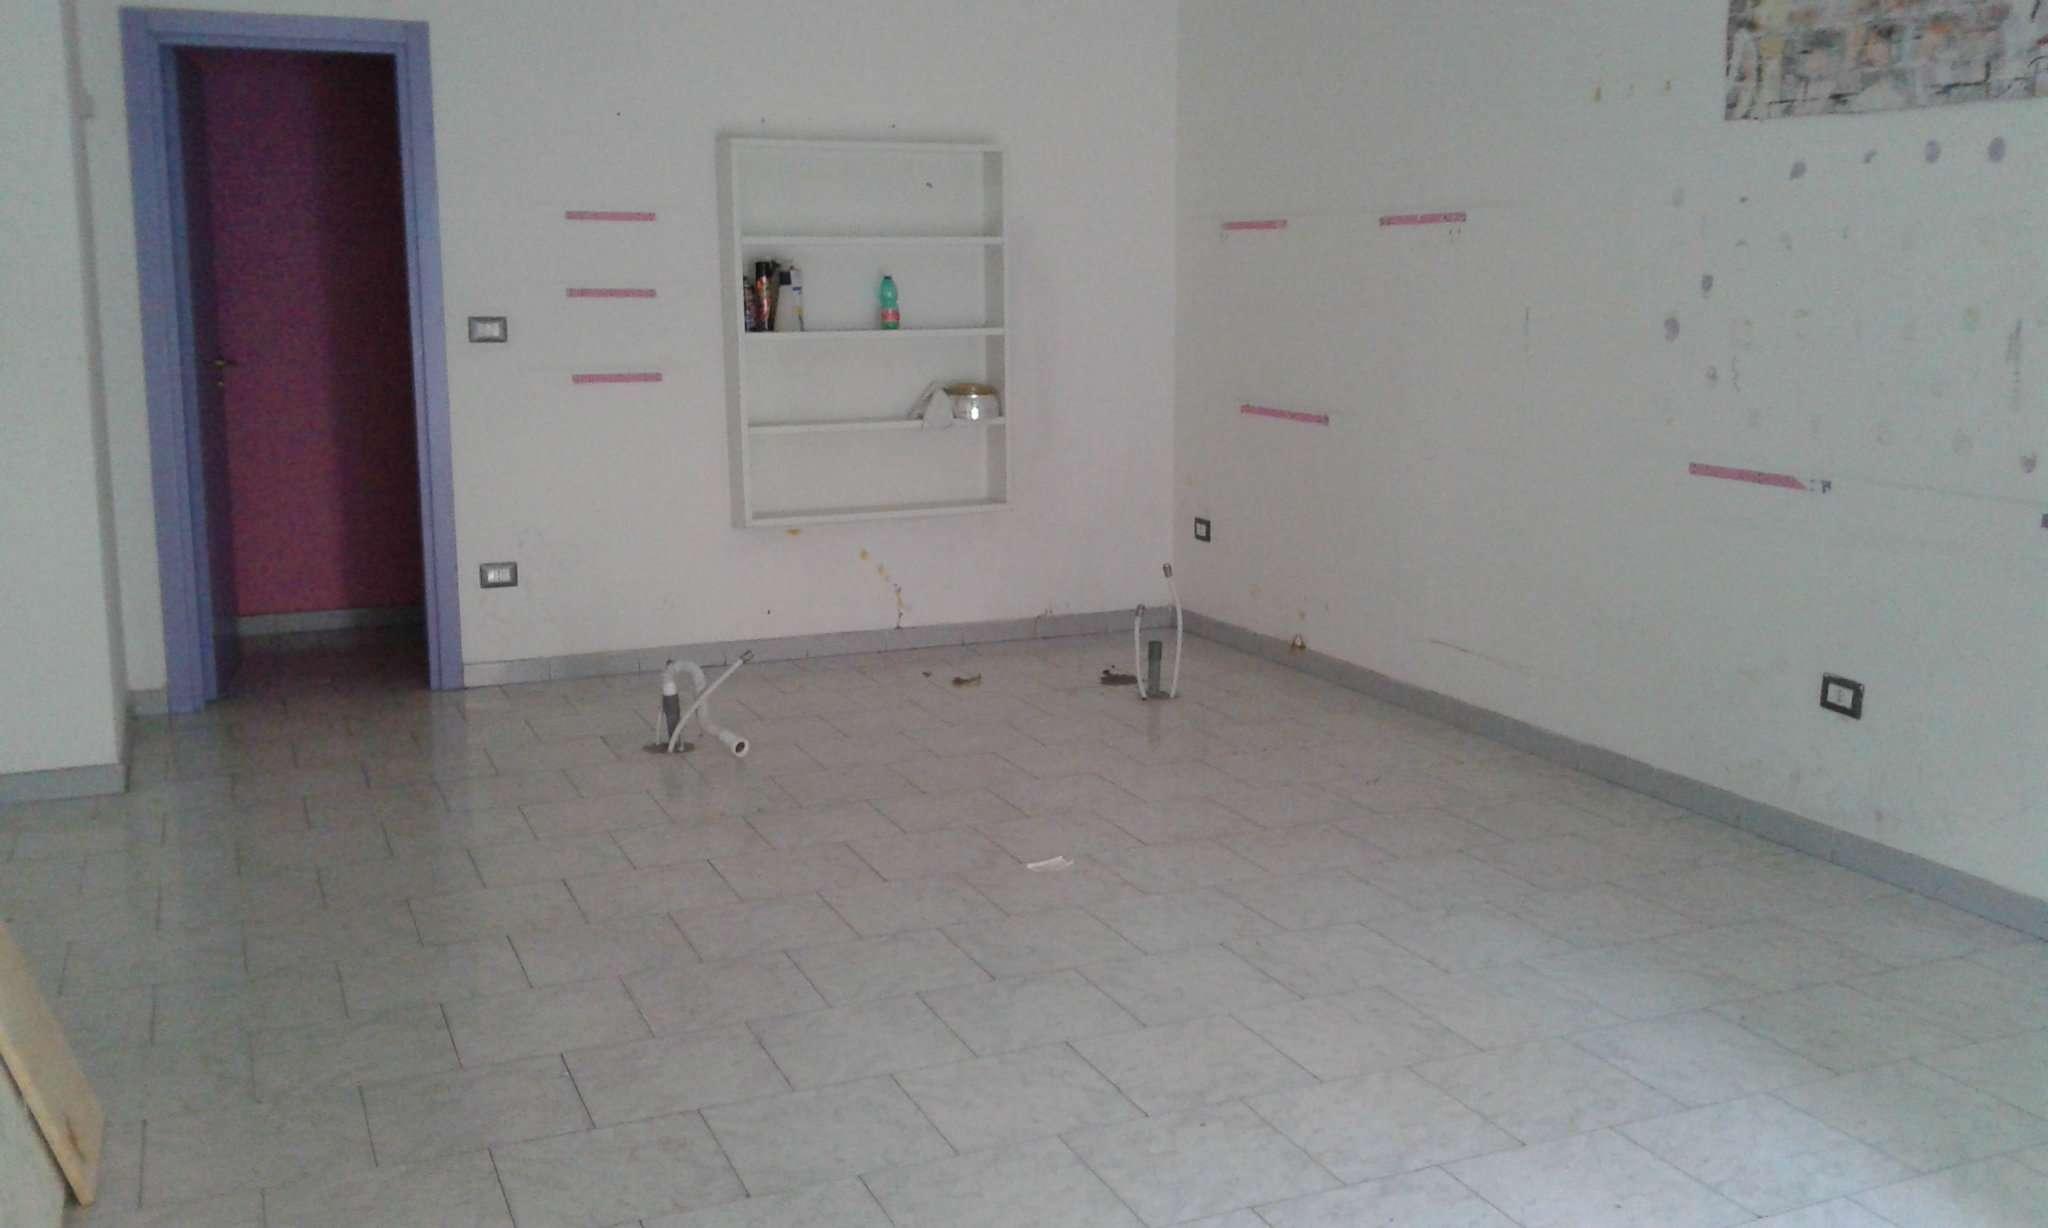 Negozio / Locale in affitto a Giugliano in Campania, 1 locali, prezzo € 400 | Cambio Casa.it